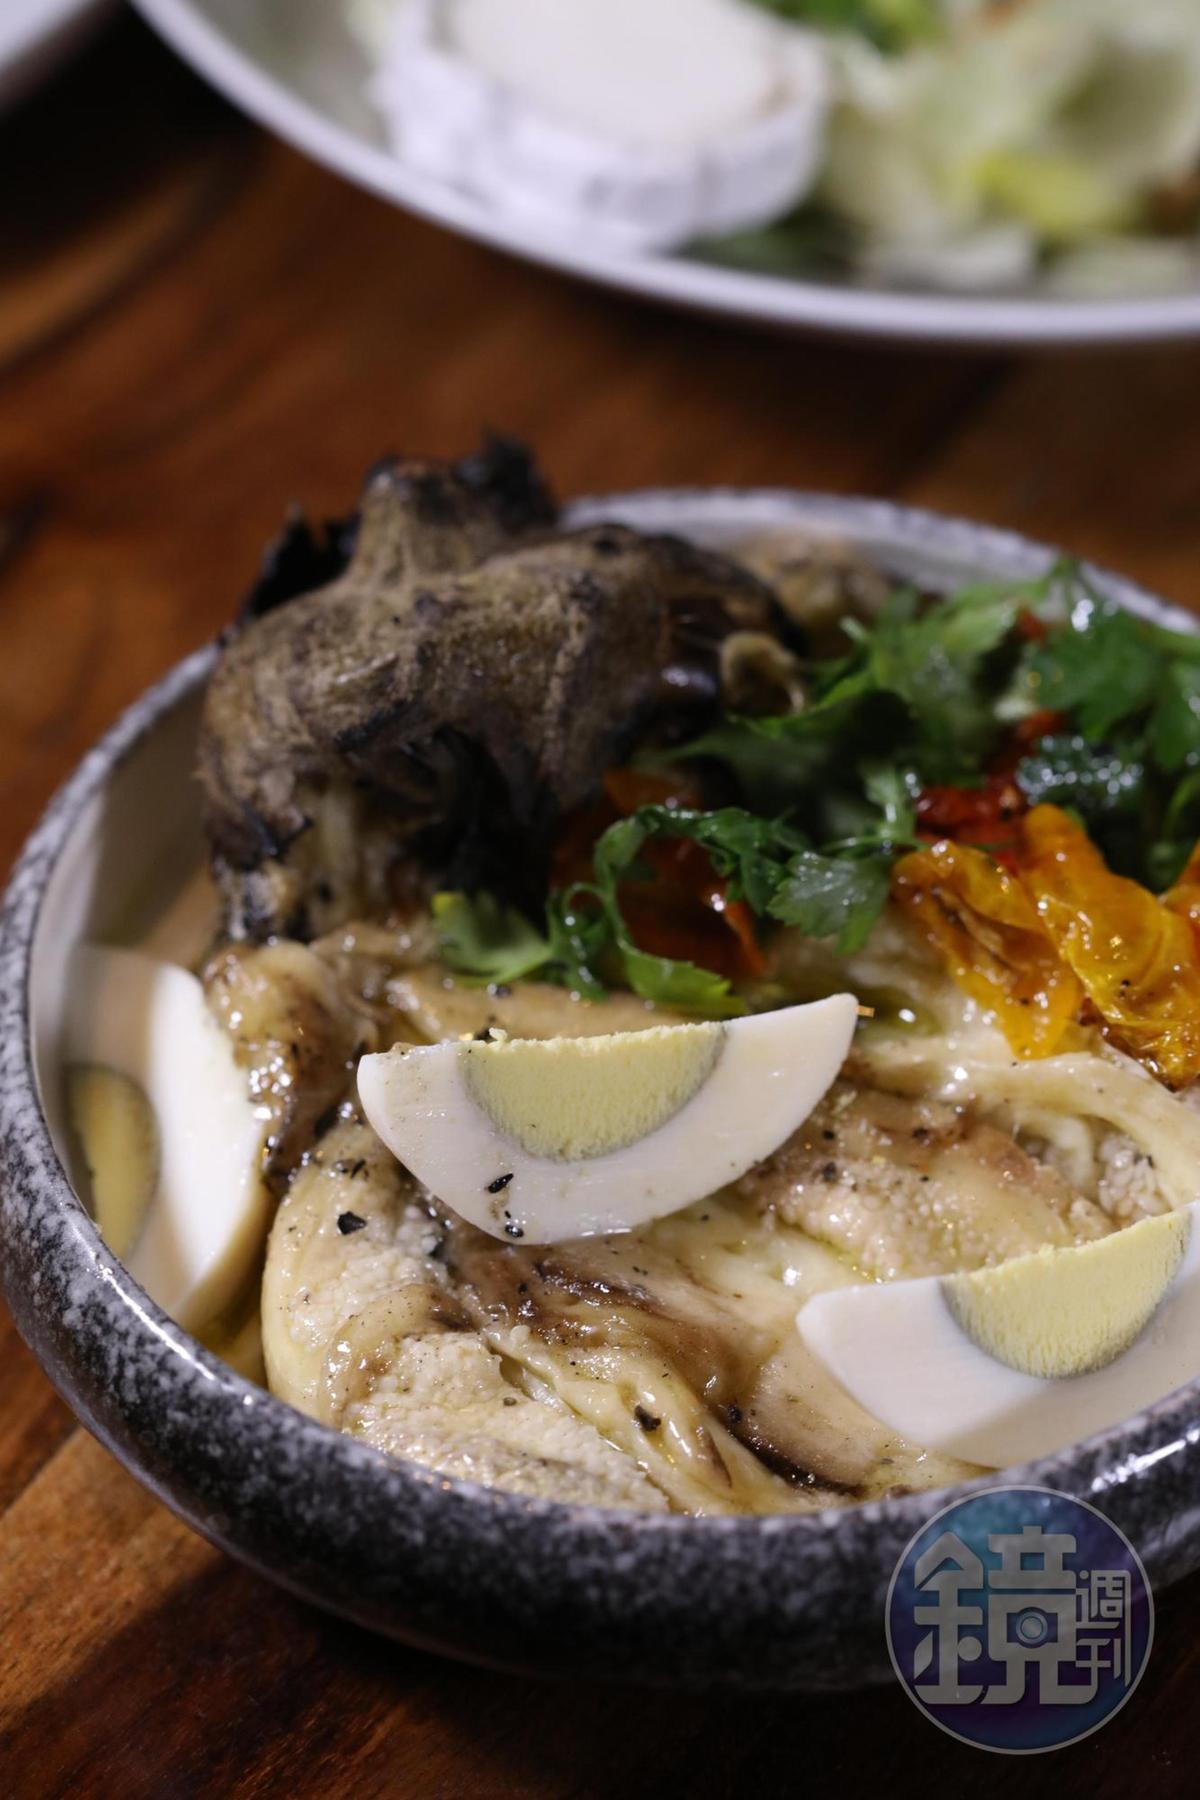 名為「Sabikh」的茄子前菜,同樣下了芝麻醬調味。(39新謝克爾/份,約NT$332)